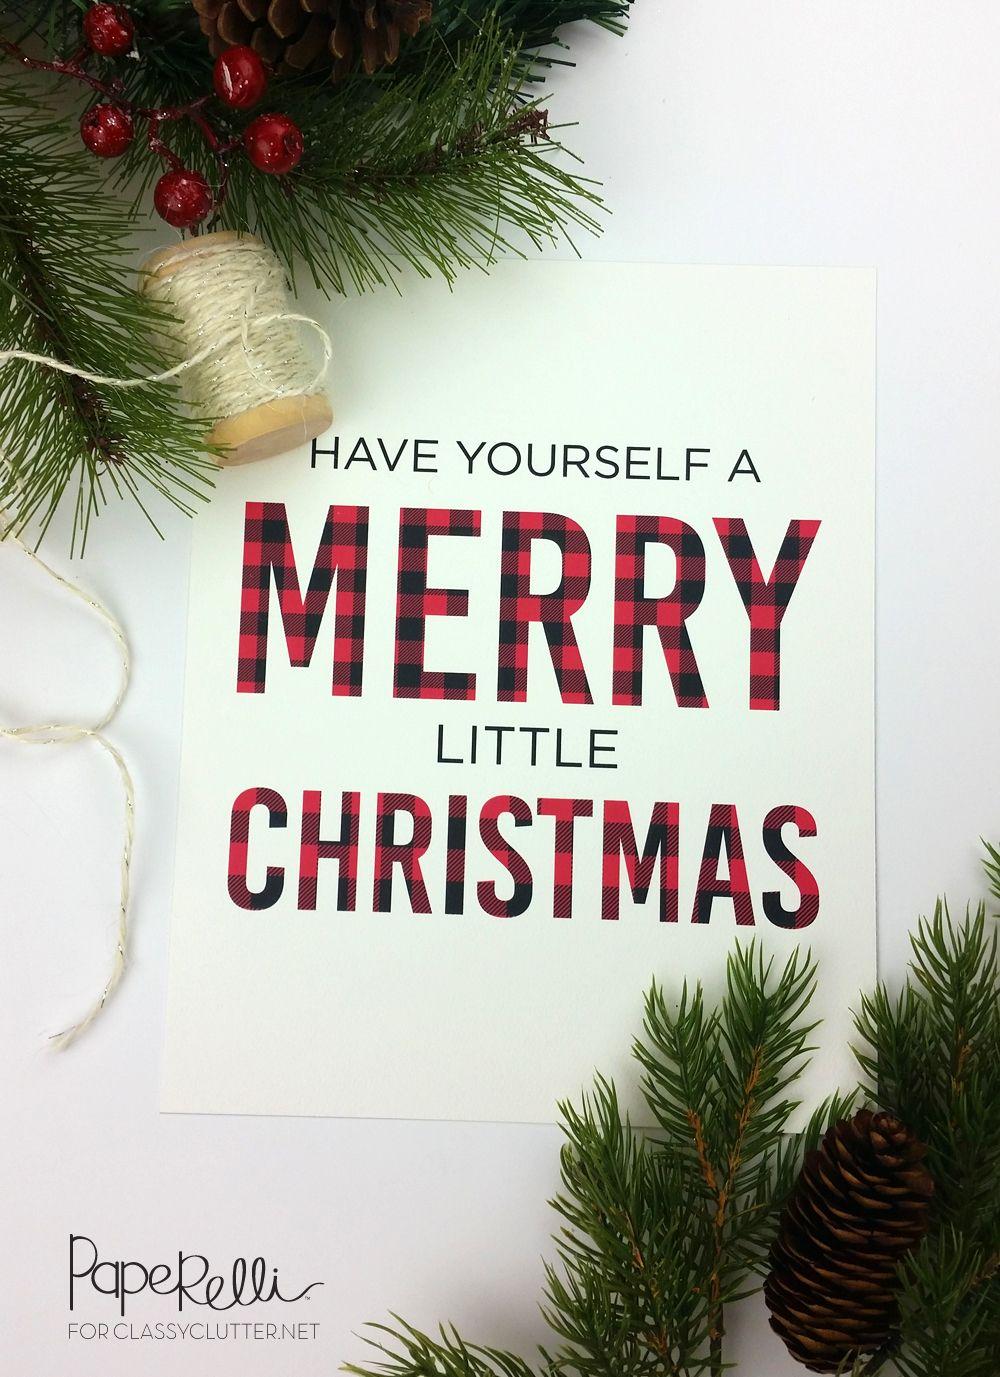 Buffalo Check Plaid Christmas Print   Pinterest   Free printable ...